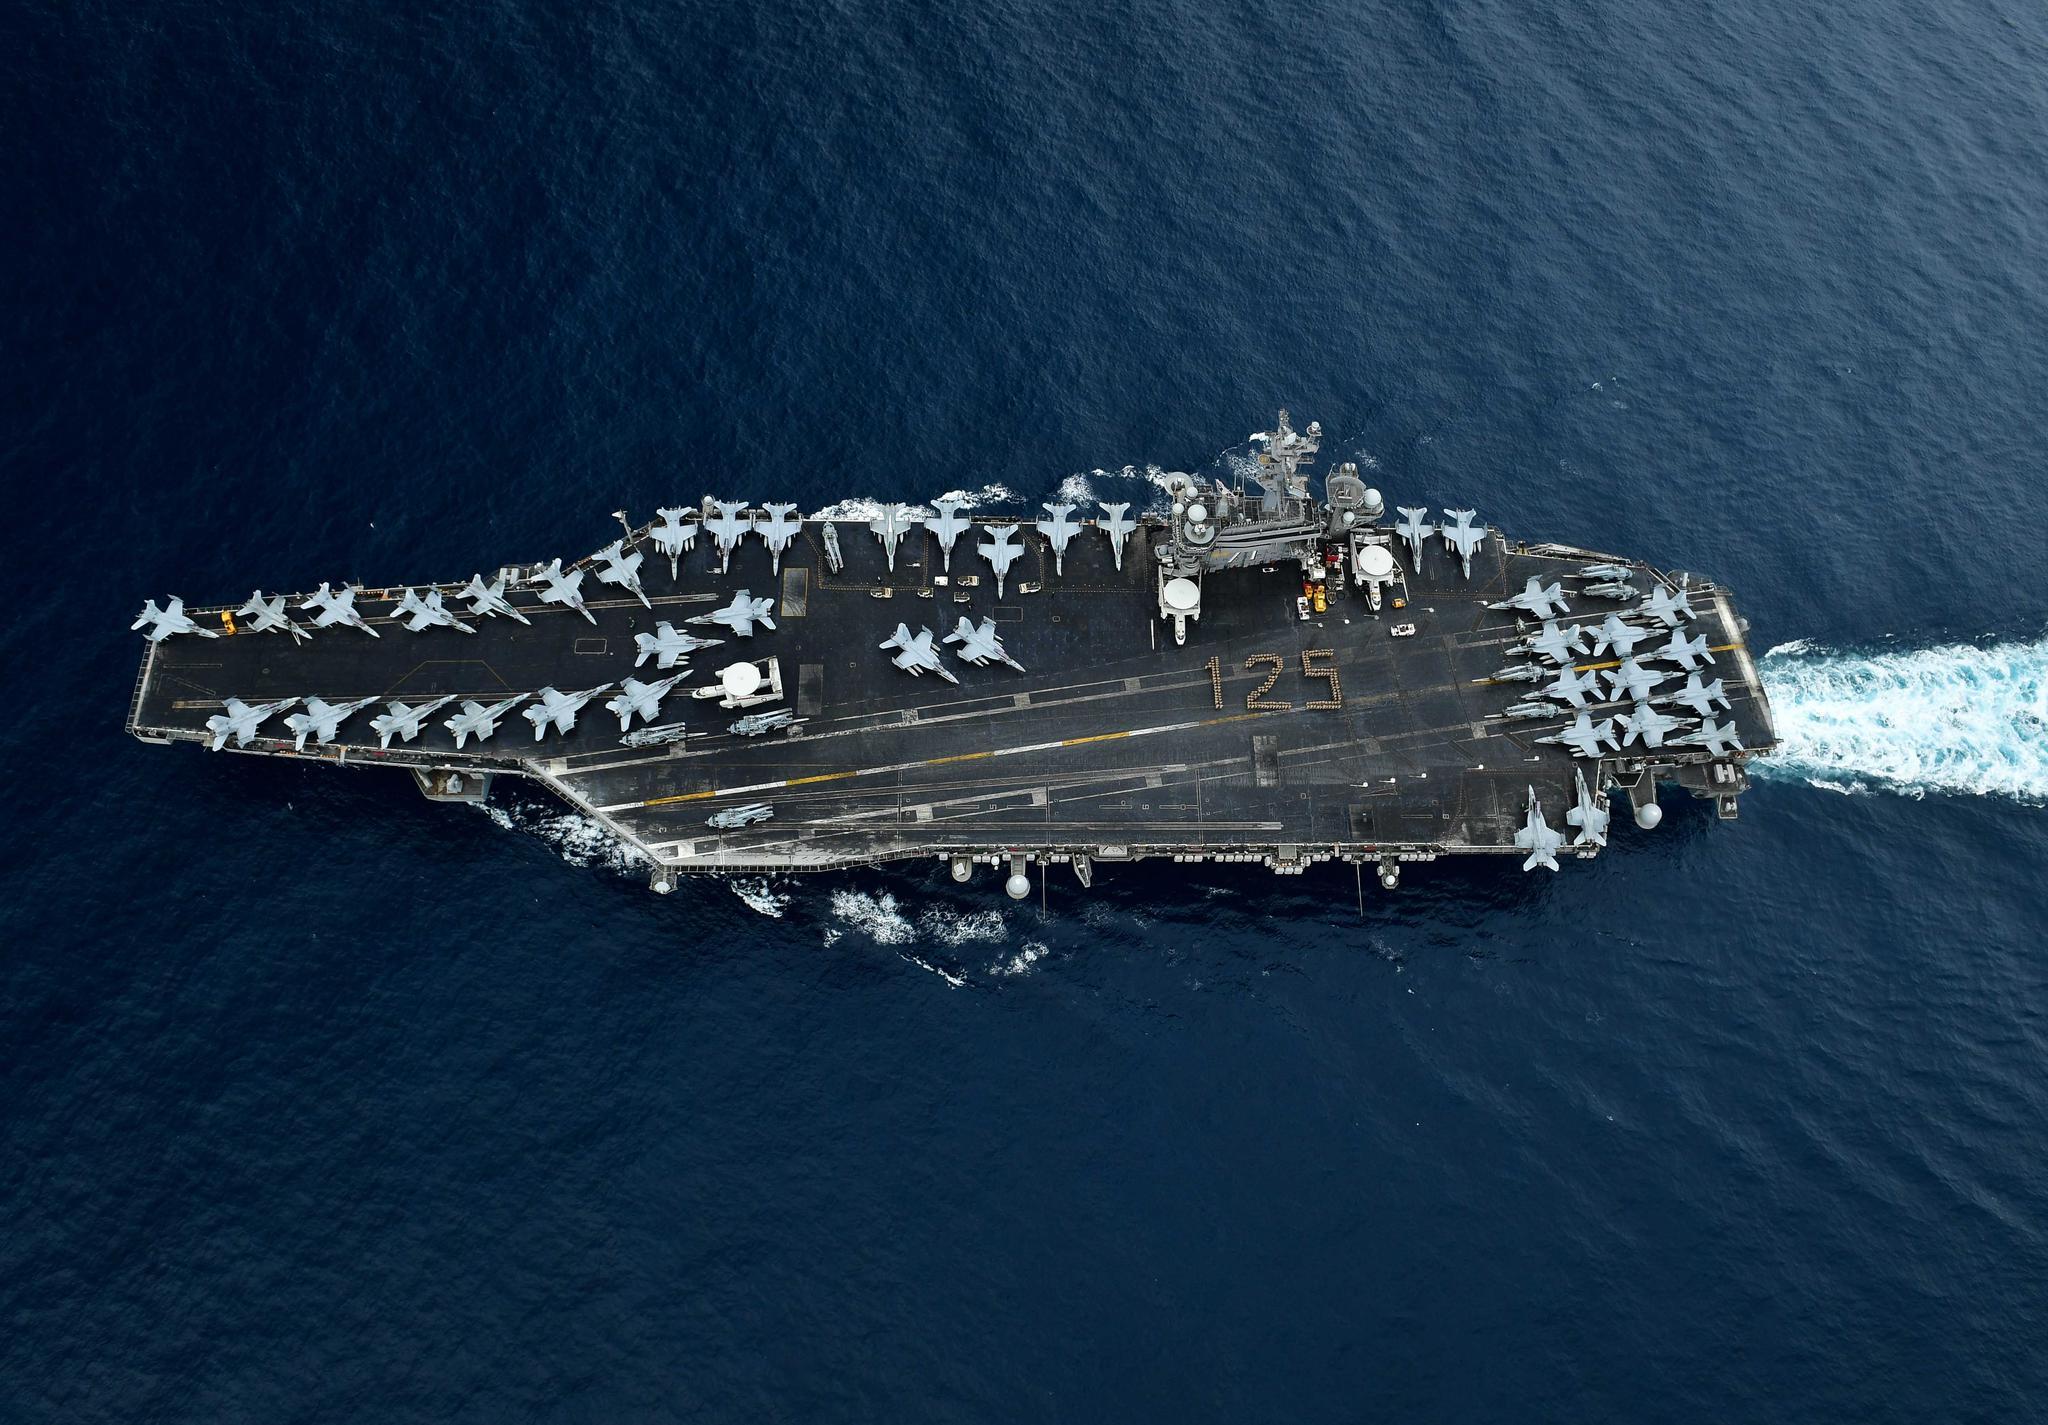 """4月1日是美国海军""""军士长""""日,军士长制度最早成立于1893年,今年是该制度成立第125周年,图为""""罗斯福""""号航母官兵在甲板上站成125字样纪念该日,这是美国海军的传统之一"""